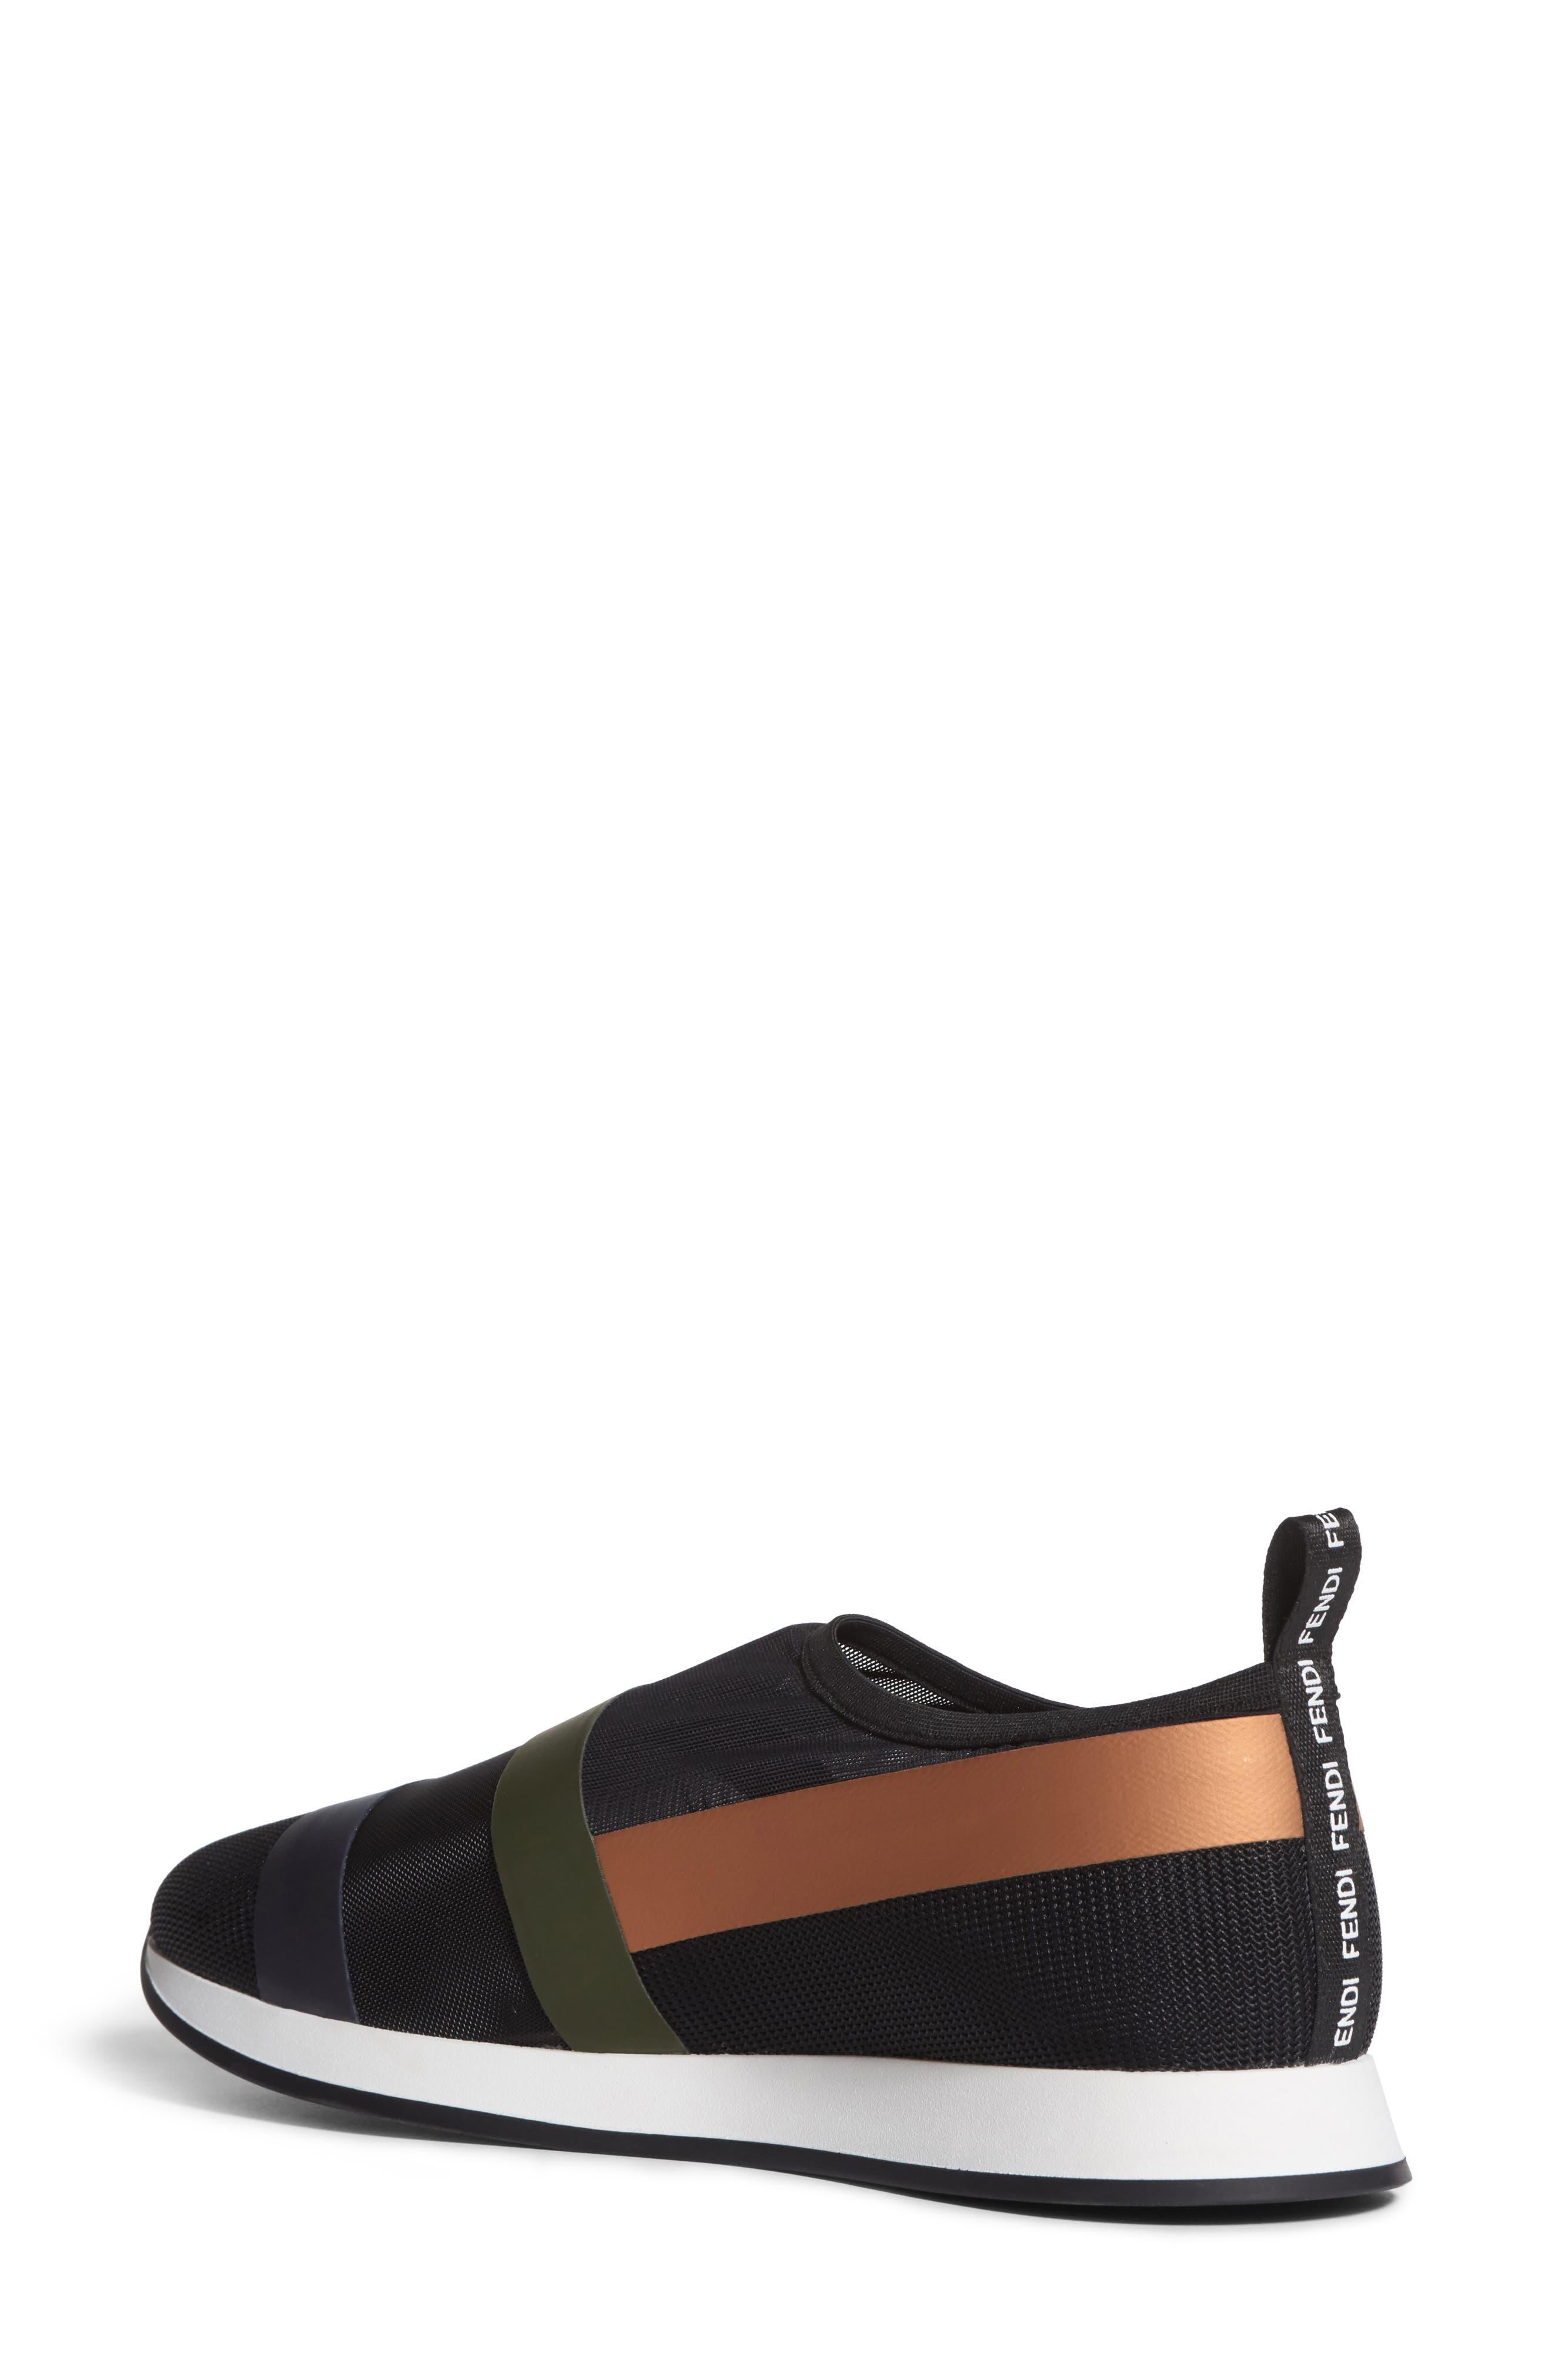 Slip-On Sneaker,                             Alternate thumbnail 2, color,                             Black/ Beige